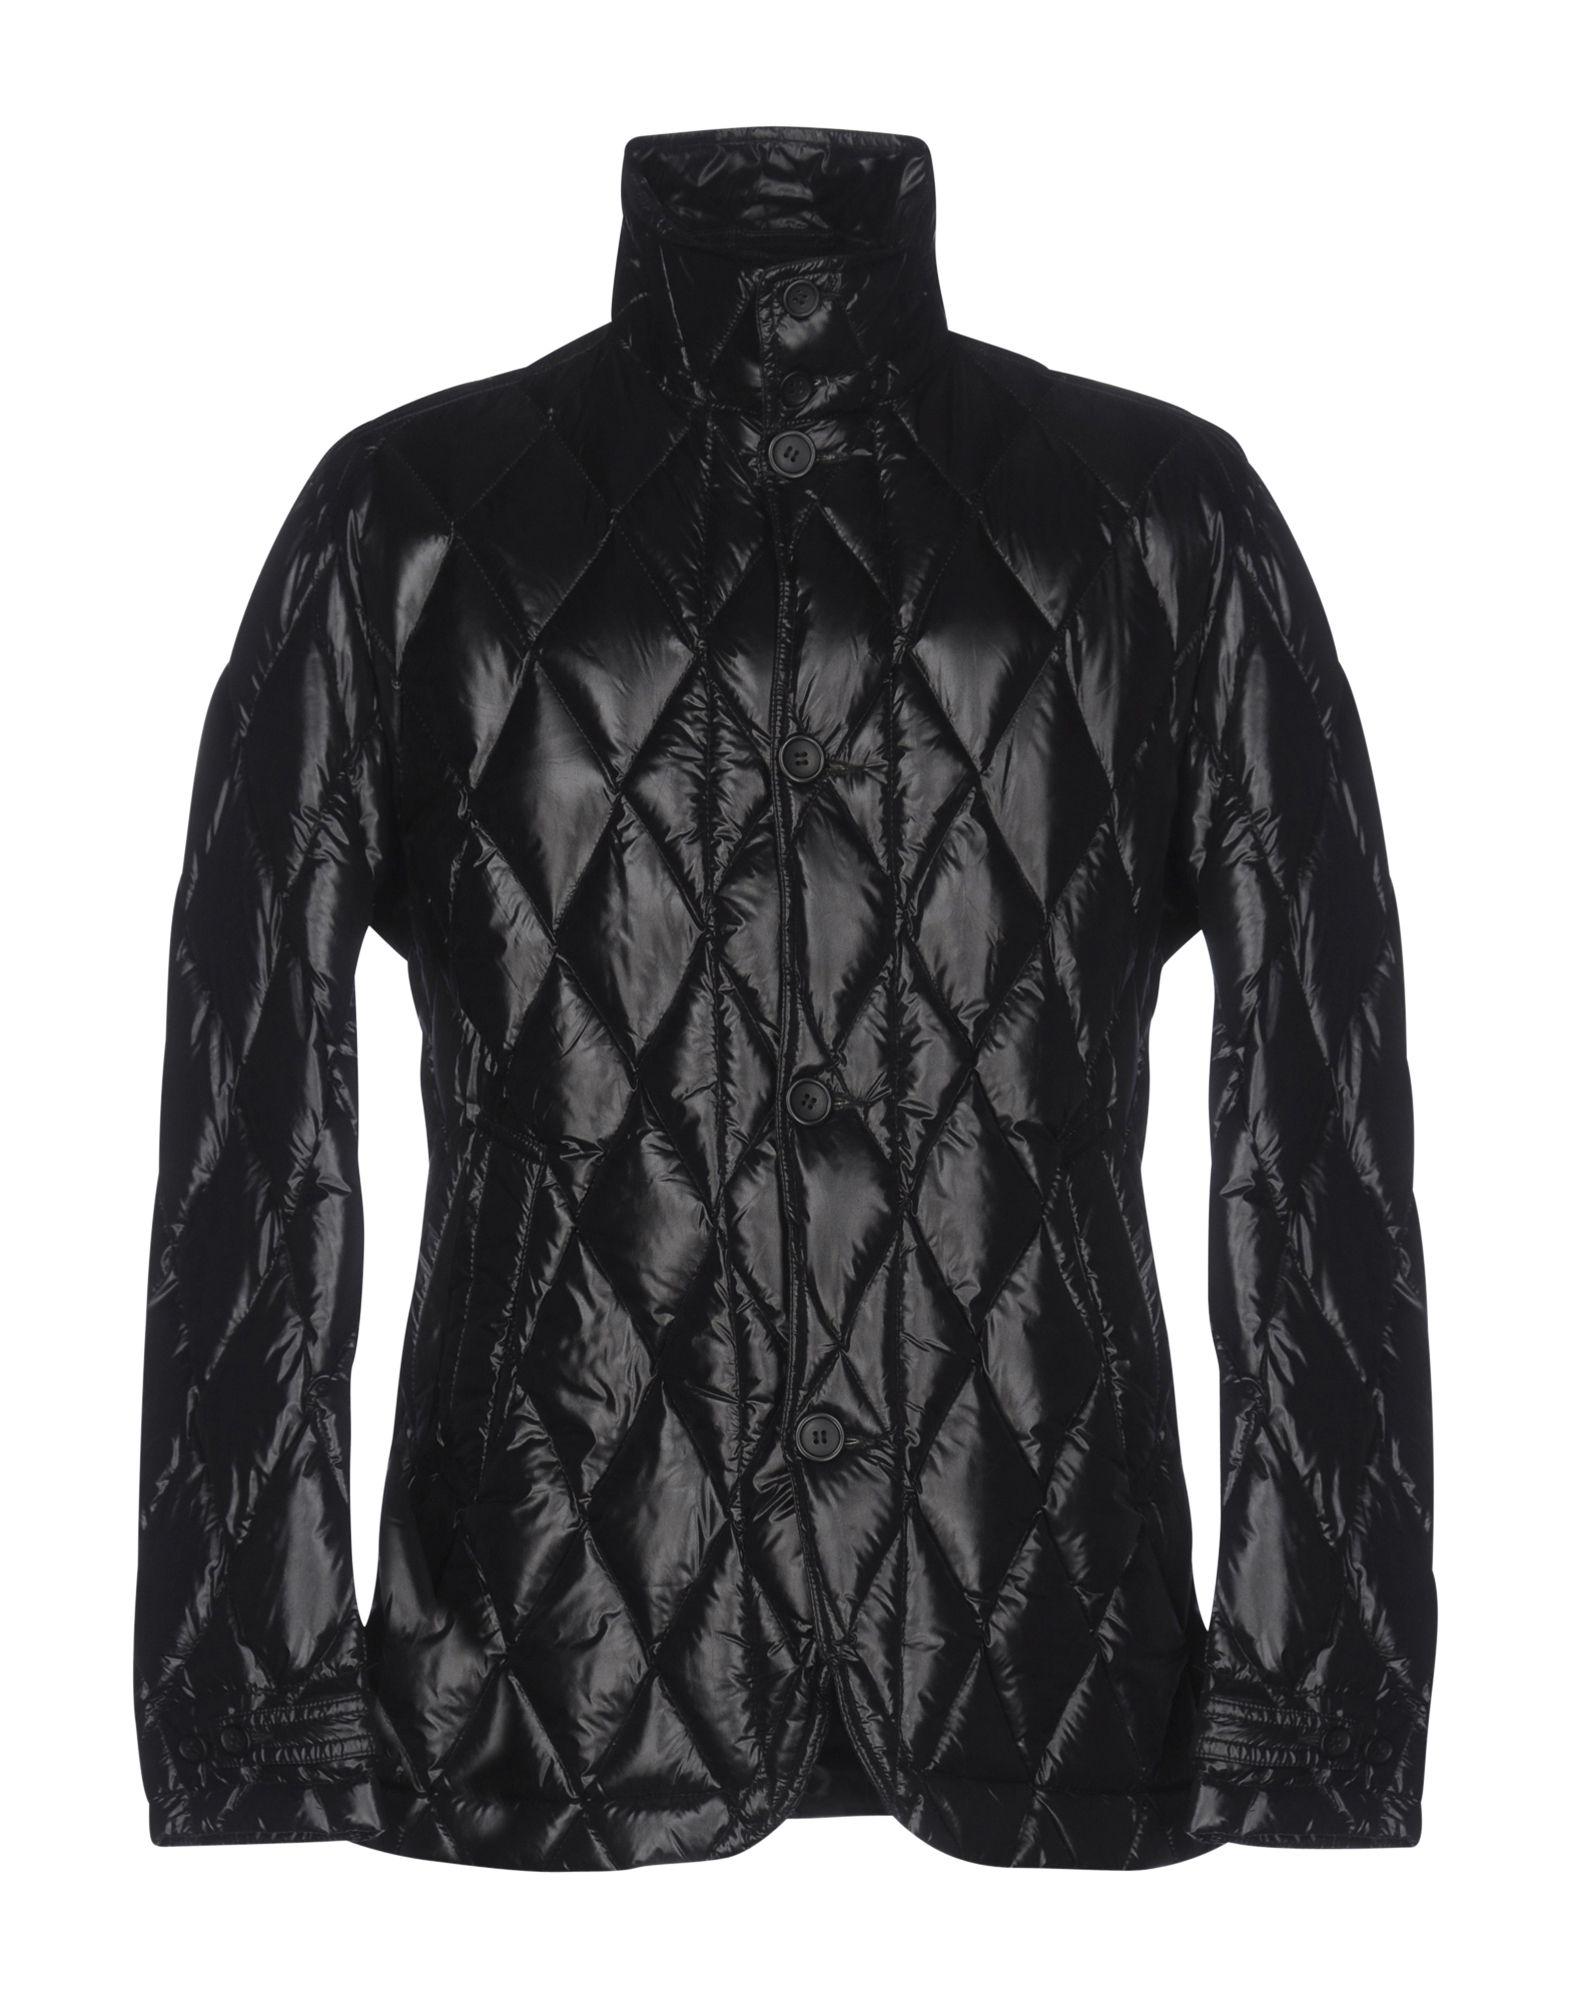 《送料無料》BPD BE PROUD OF THIS DRESS メンズ ダウンジャケット ブラック M ナイロン 100%